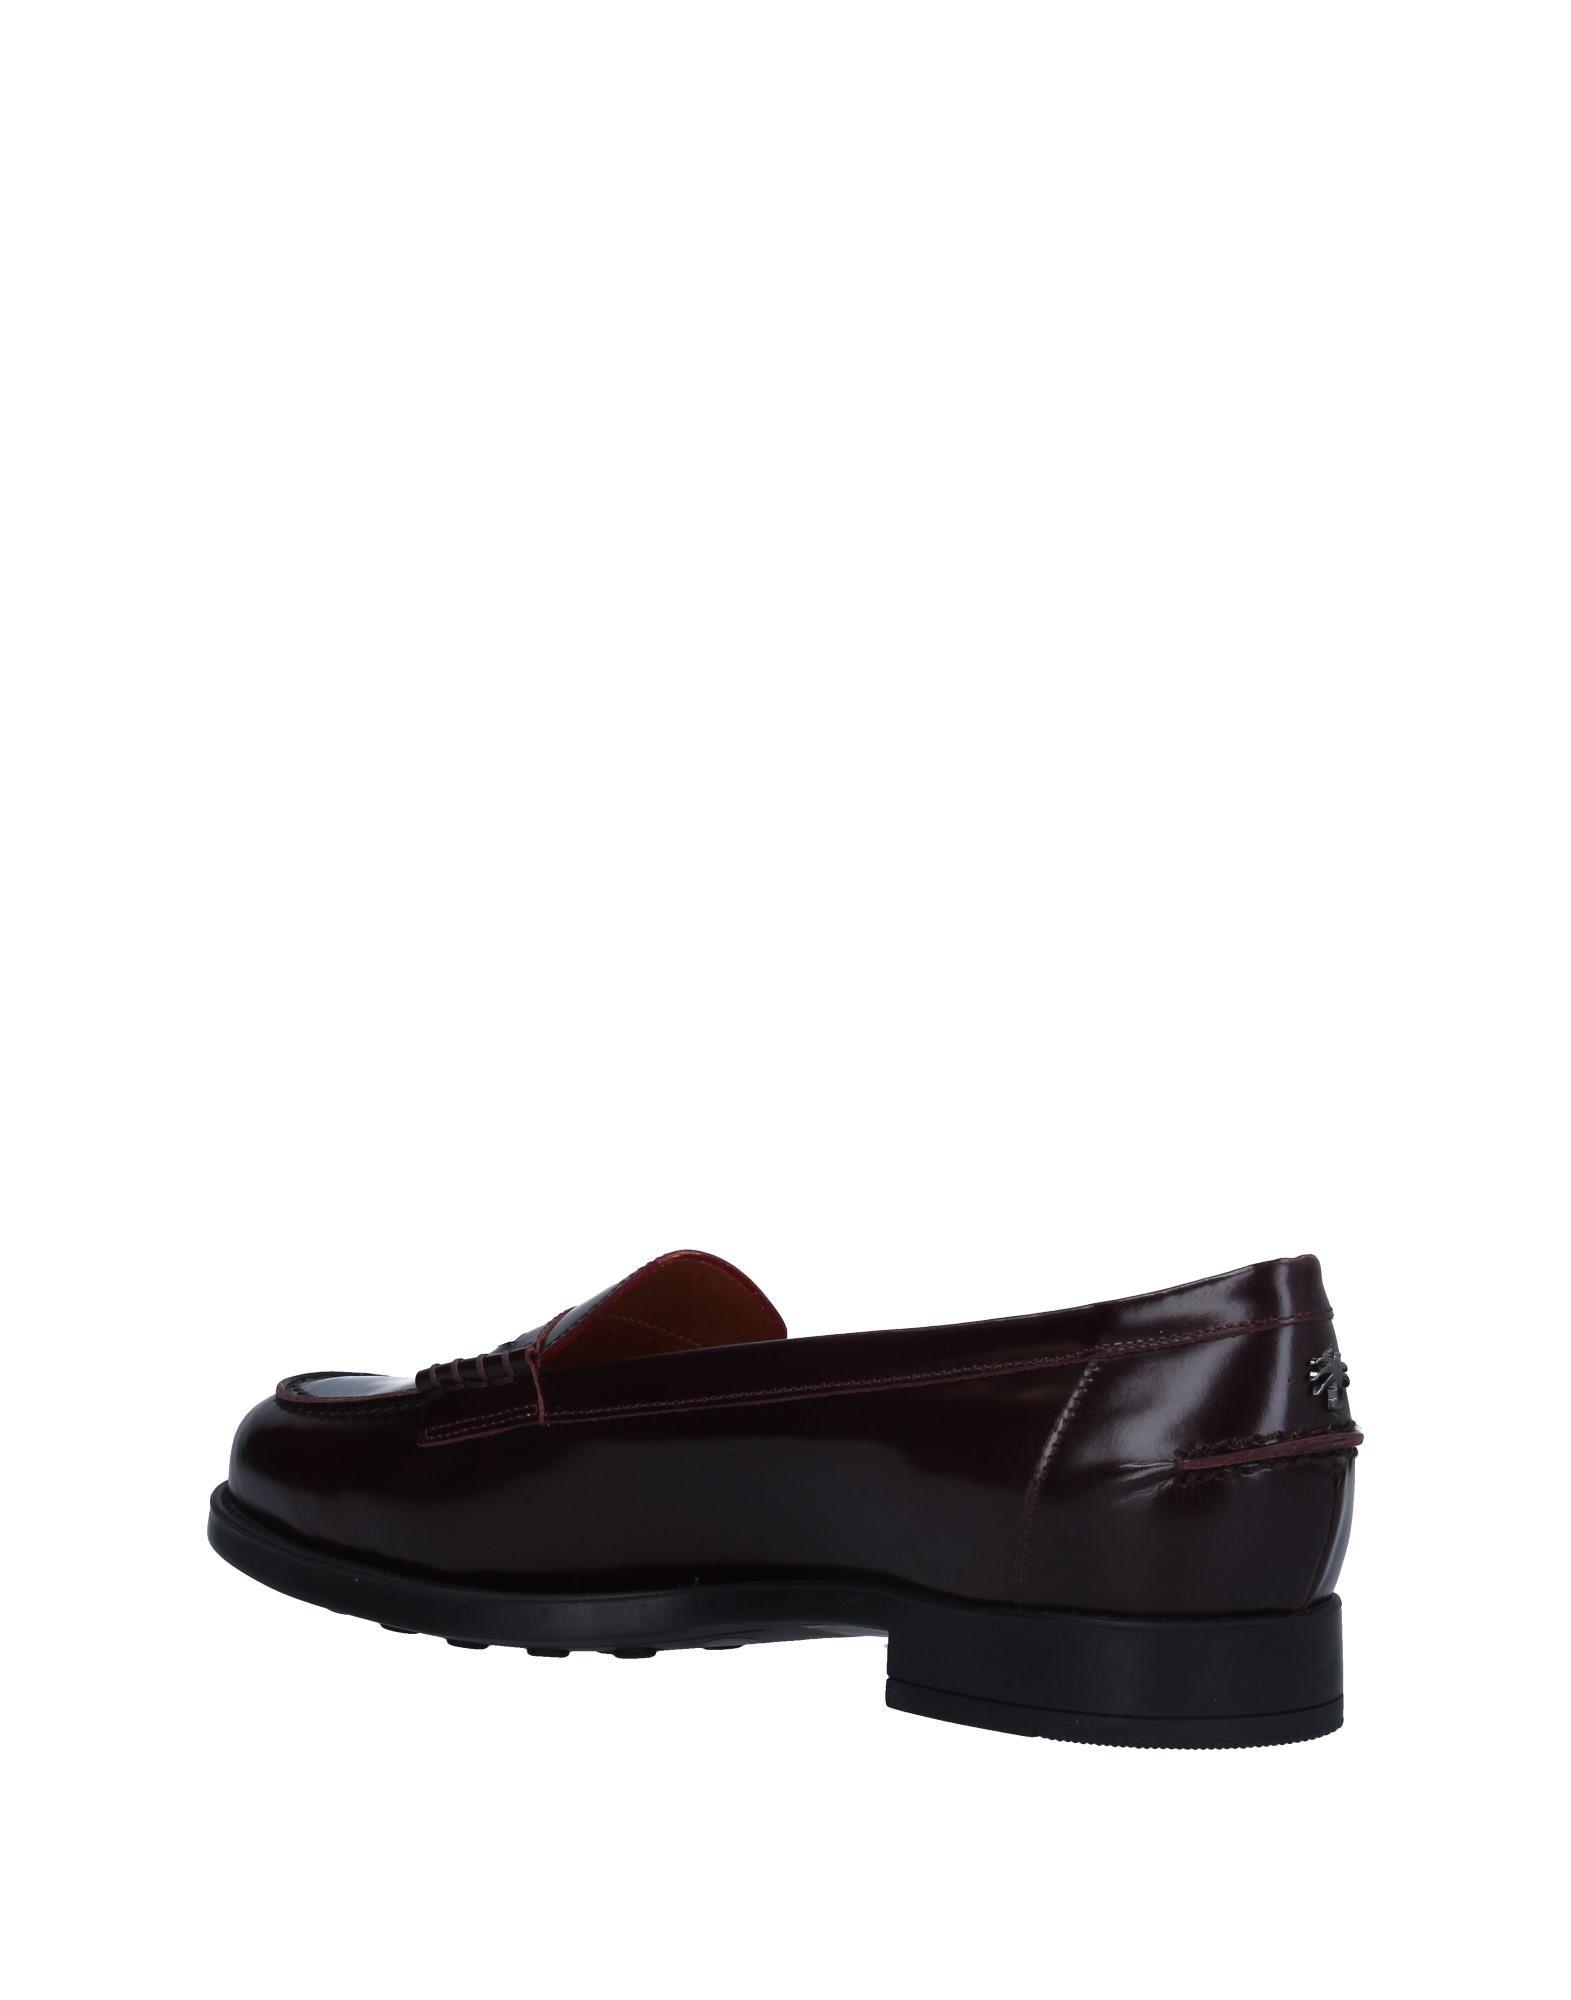 Voltan Mokassins Damen  11319324VQ Gute Qualität beliebte Schuhe